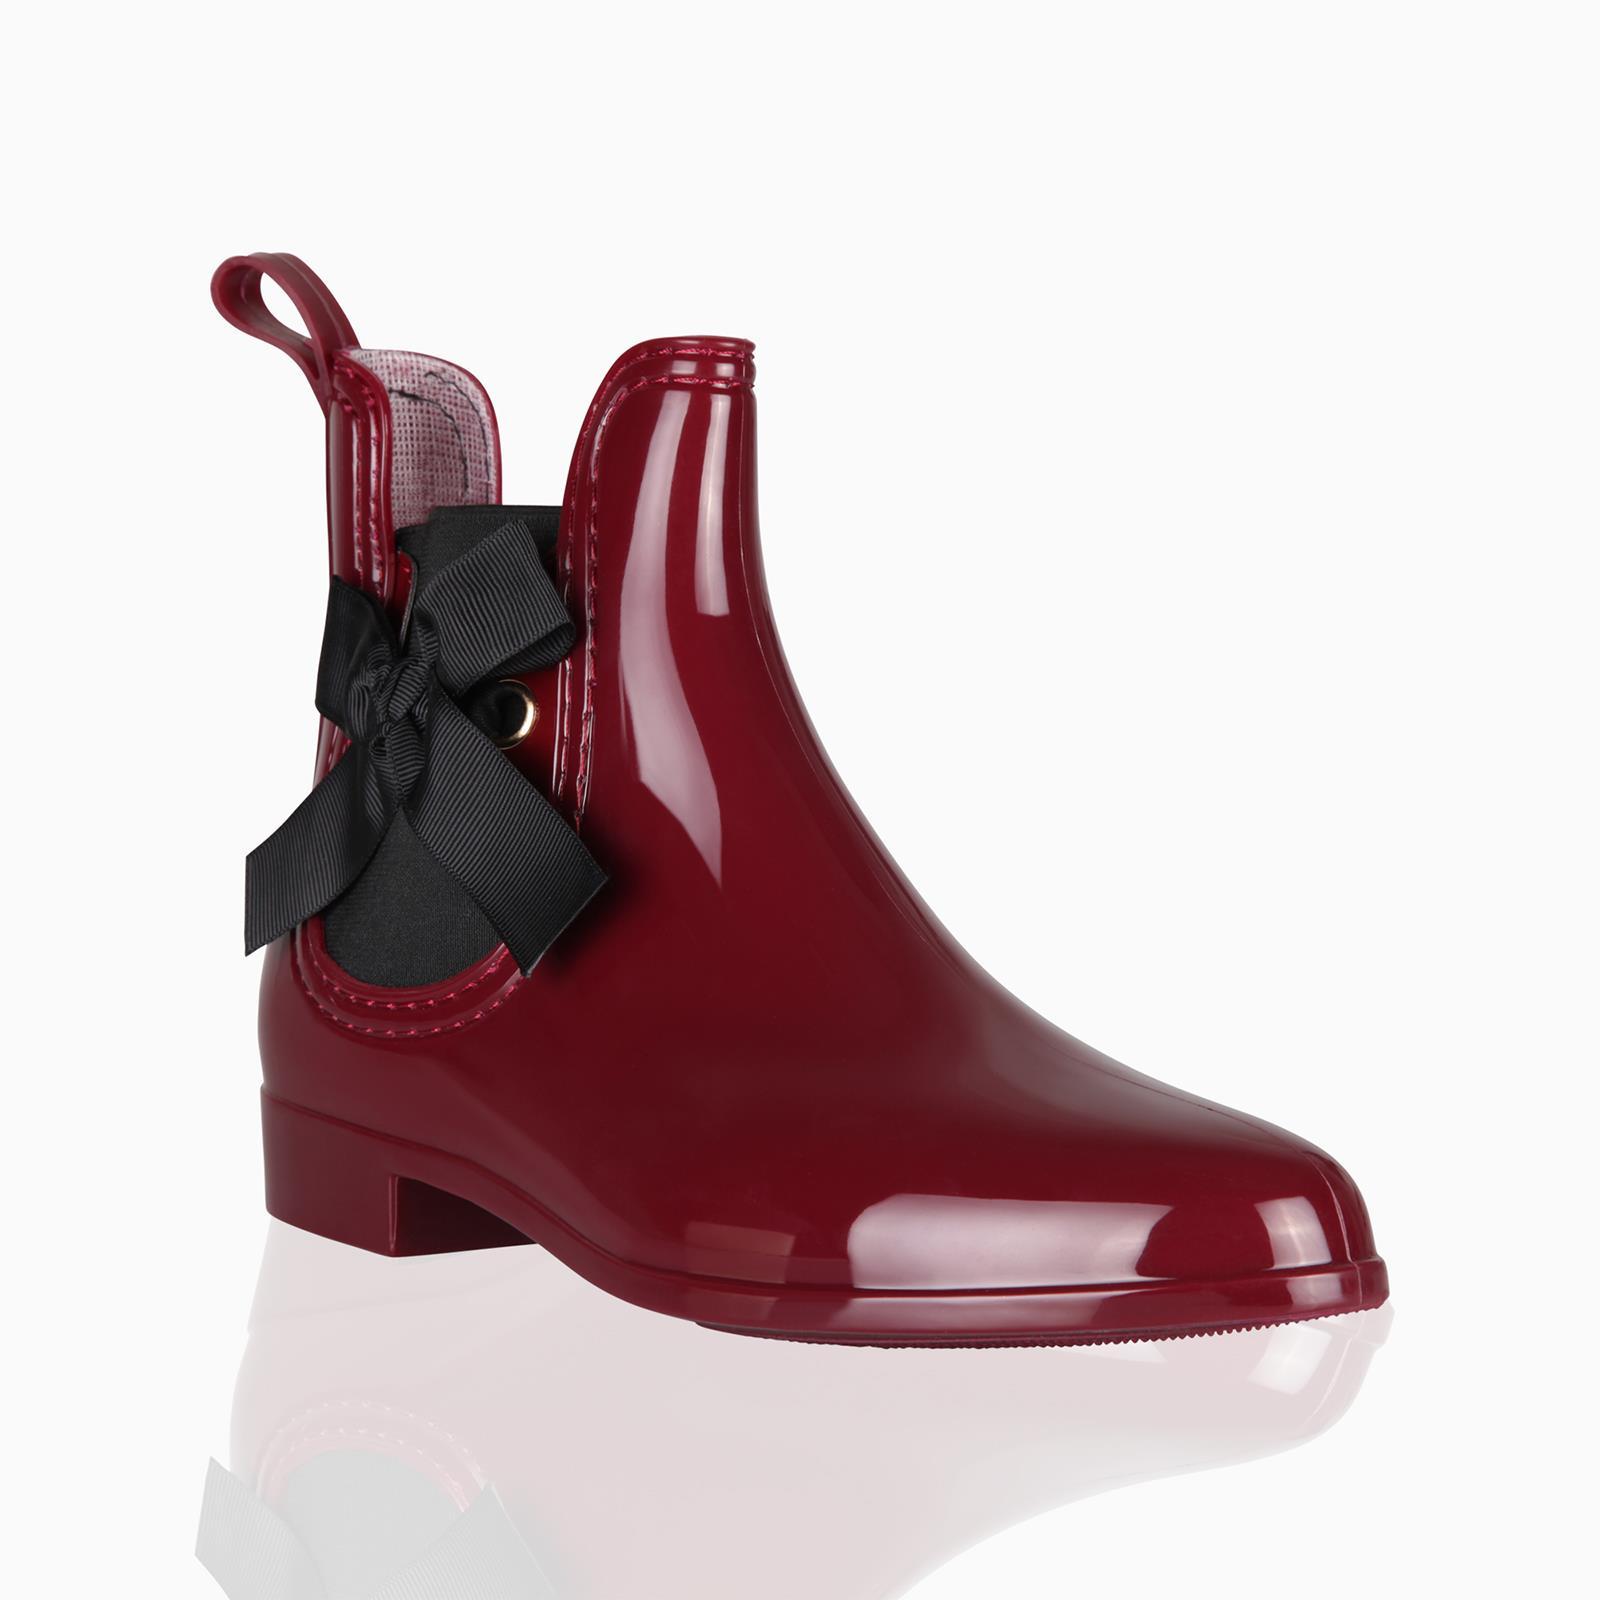 Botas-Agua-Mujer-Barata-Original-Botines-Moda-Comodas-Calzado-Elastico-Juveniles miniatura 15